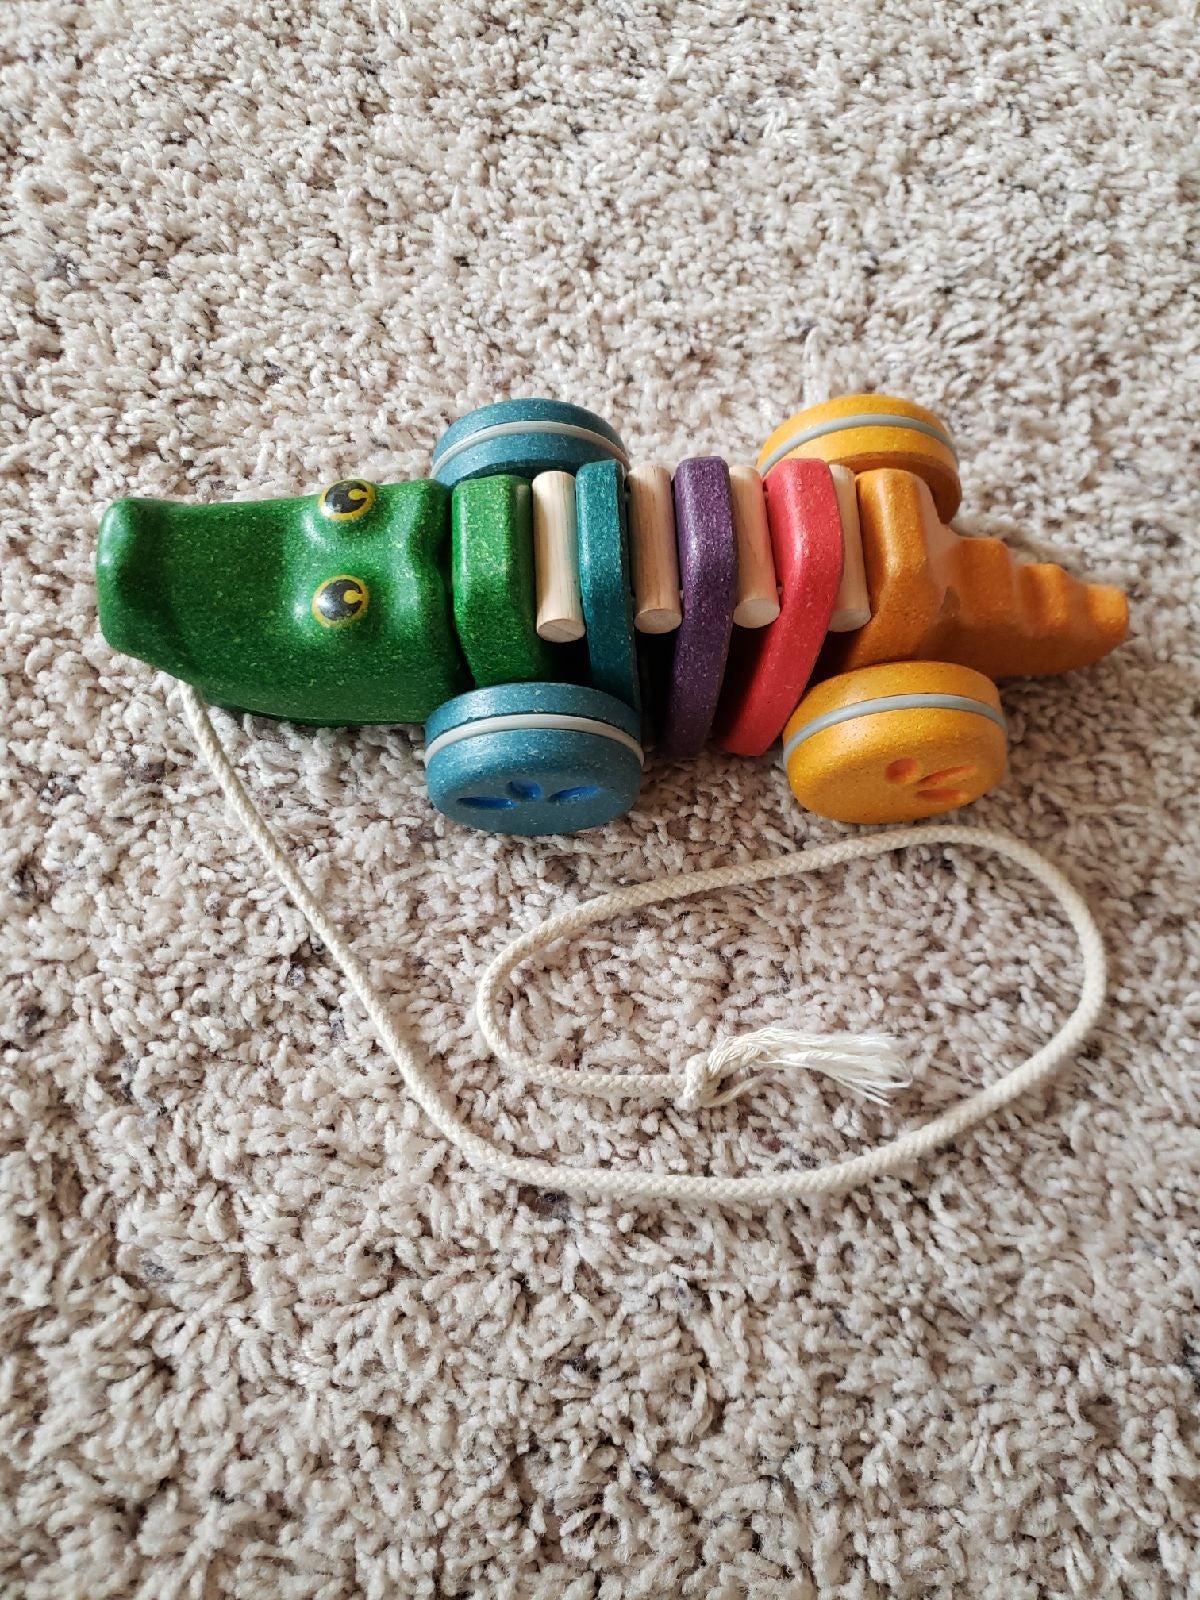 PlanToys Alligator Pull Toy